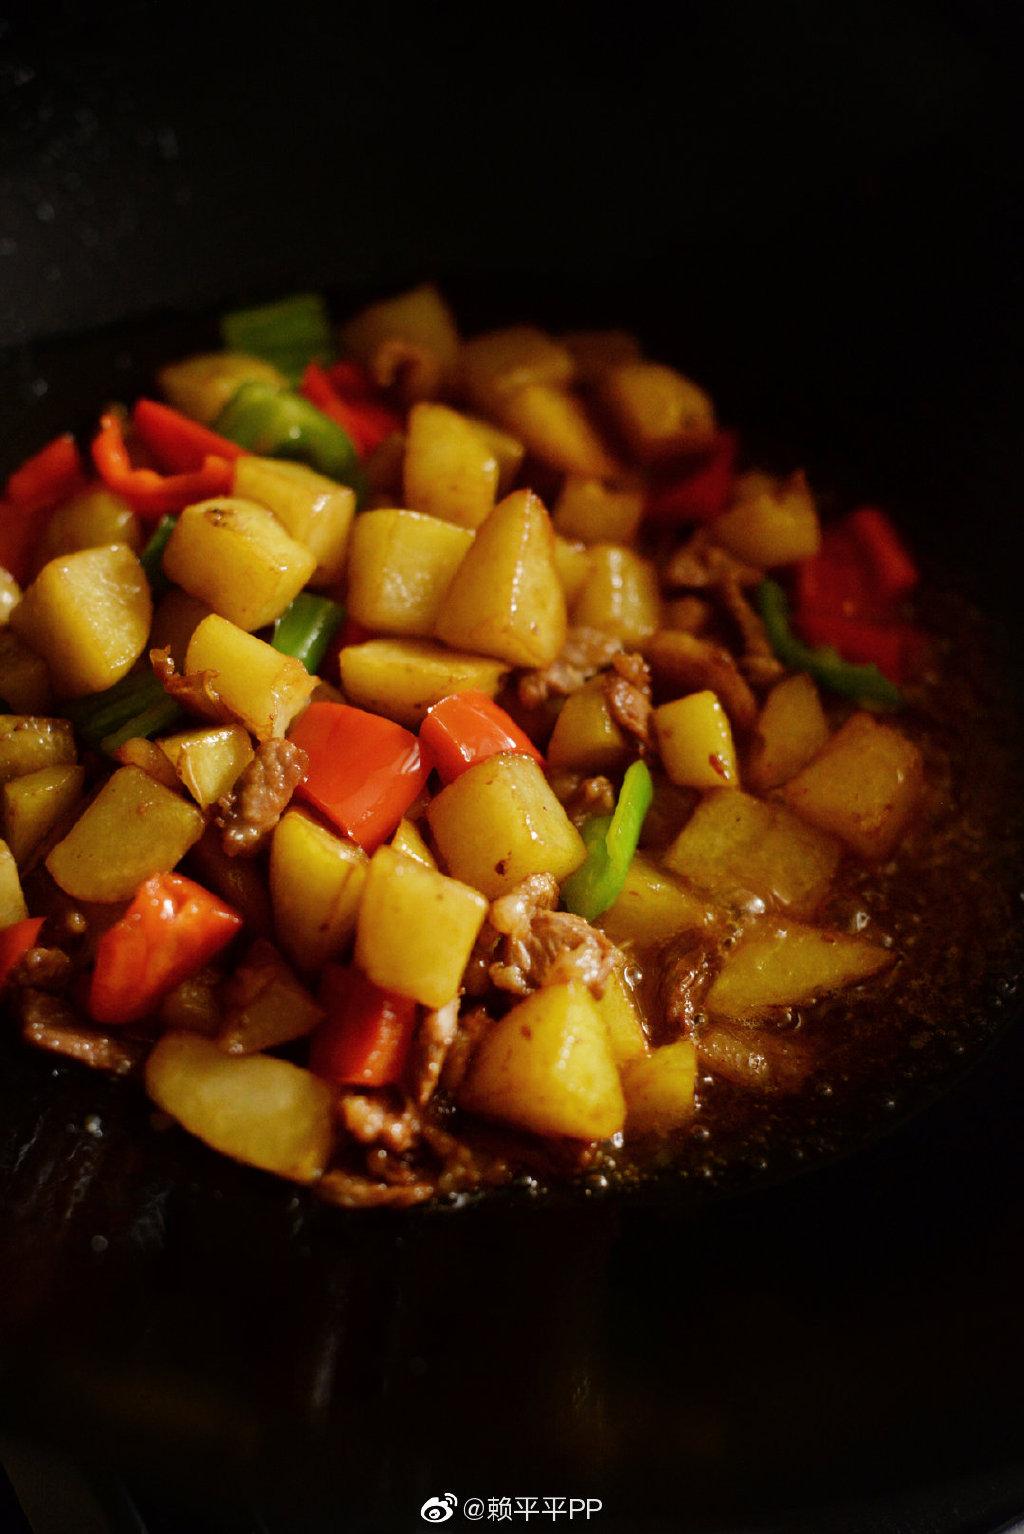 這才是土豆好吃的做法,多加2步香軟入味不粘鍋,上桌就光碟